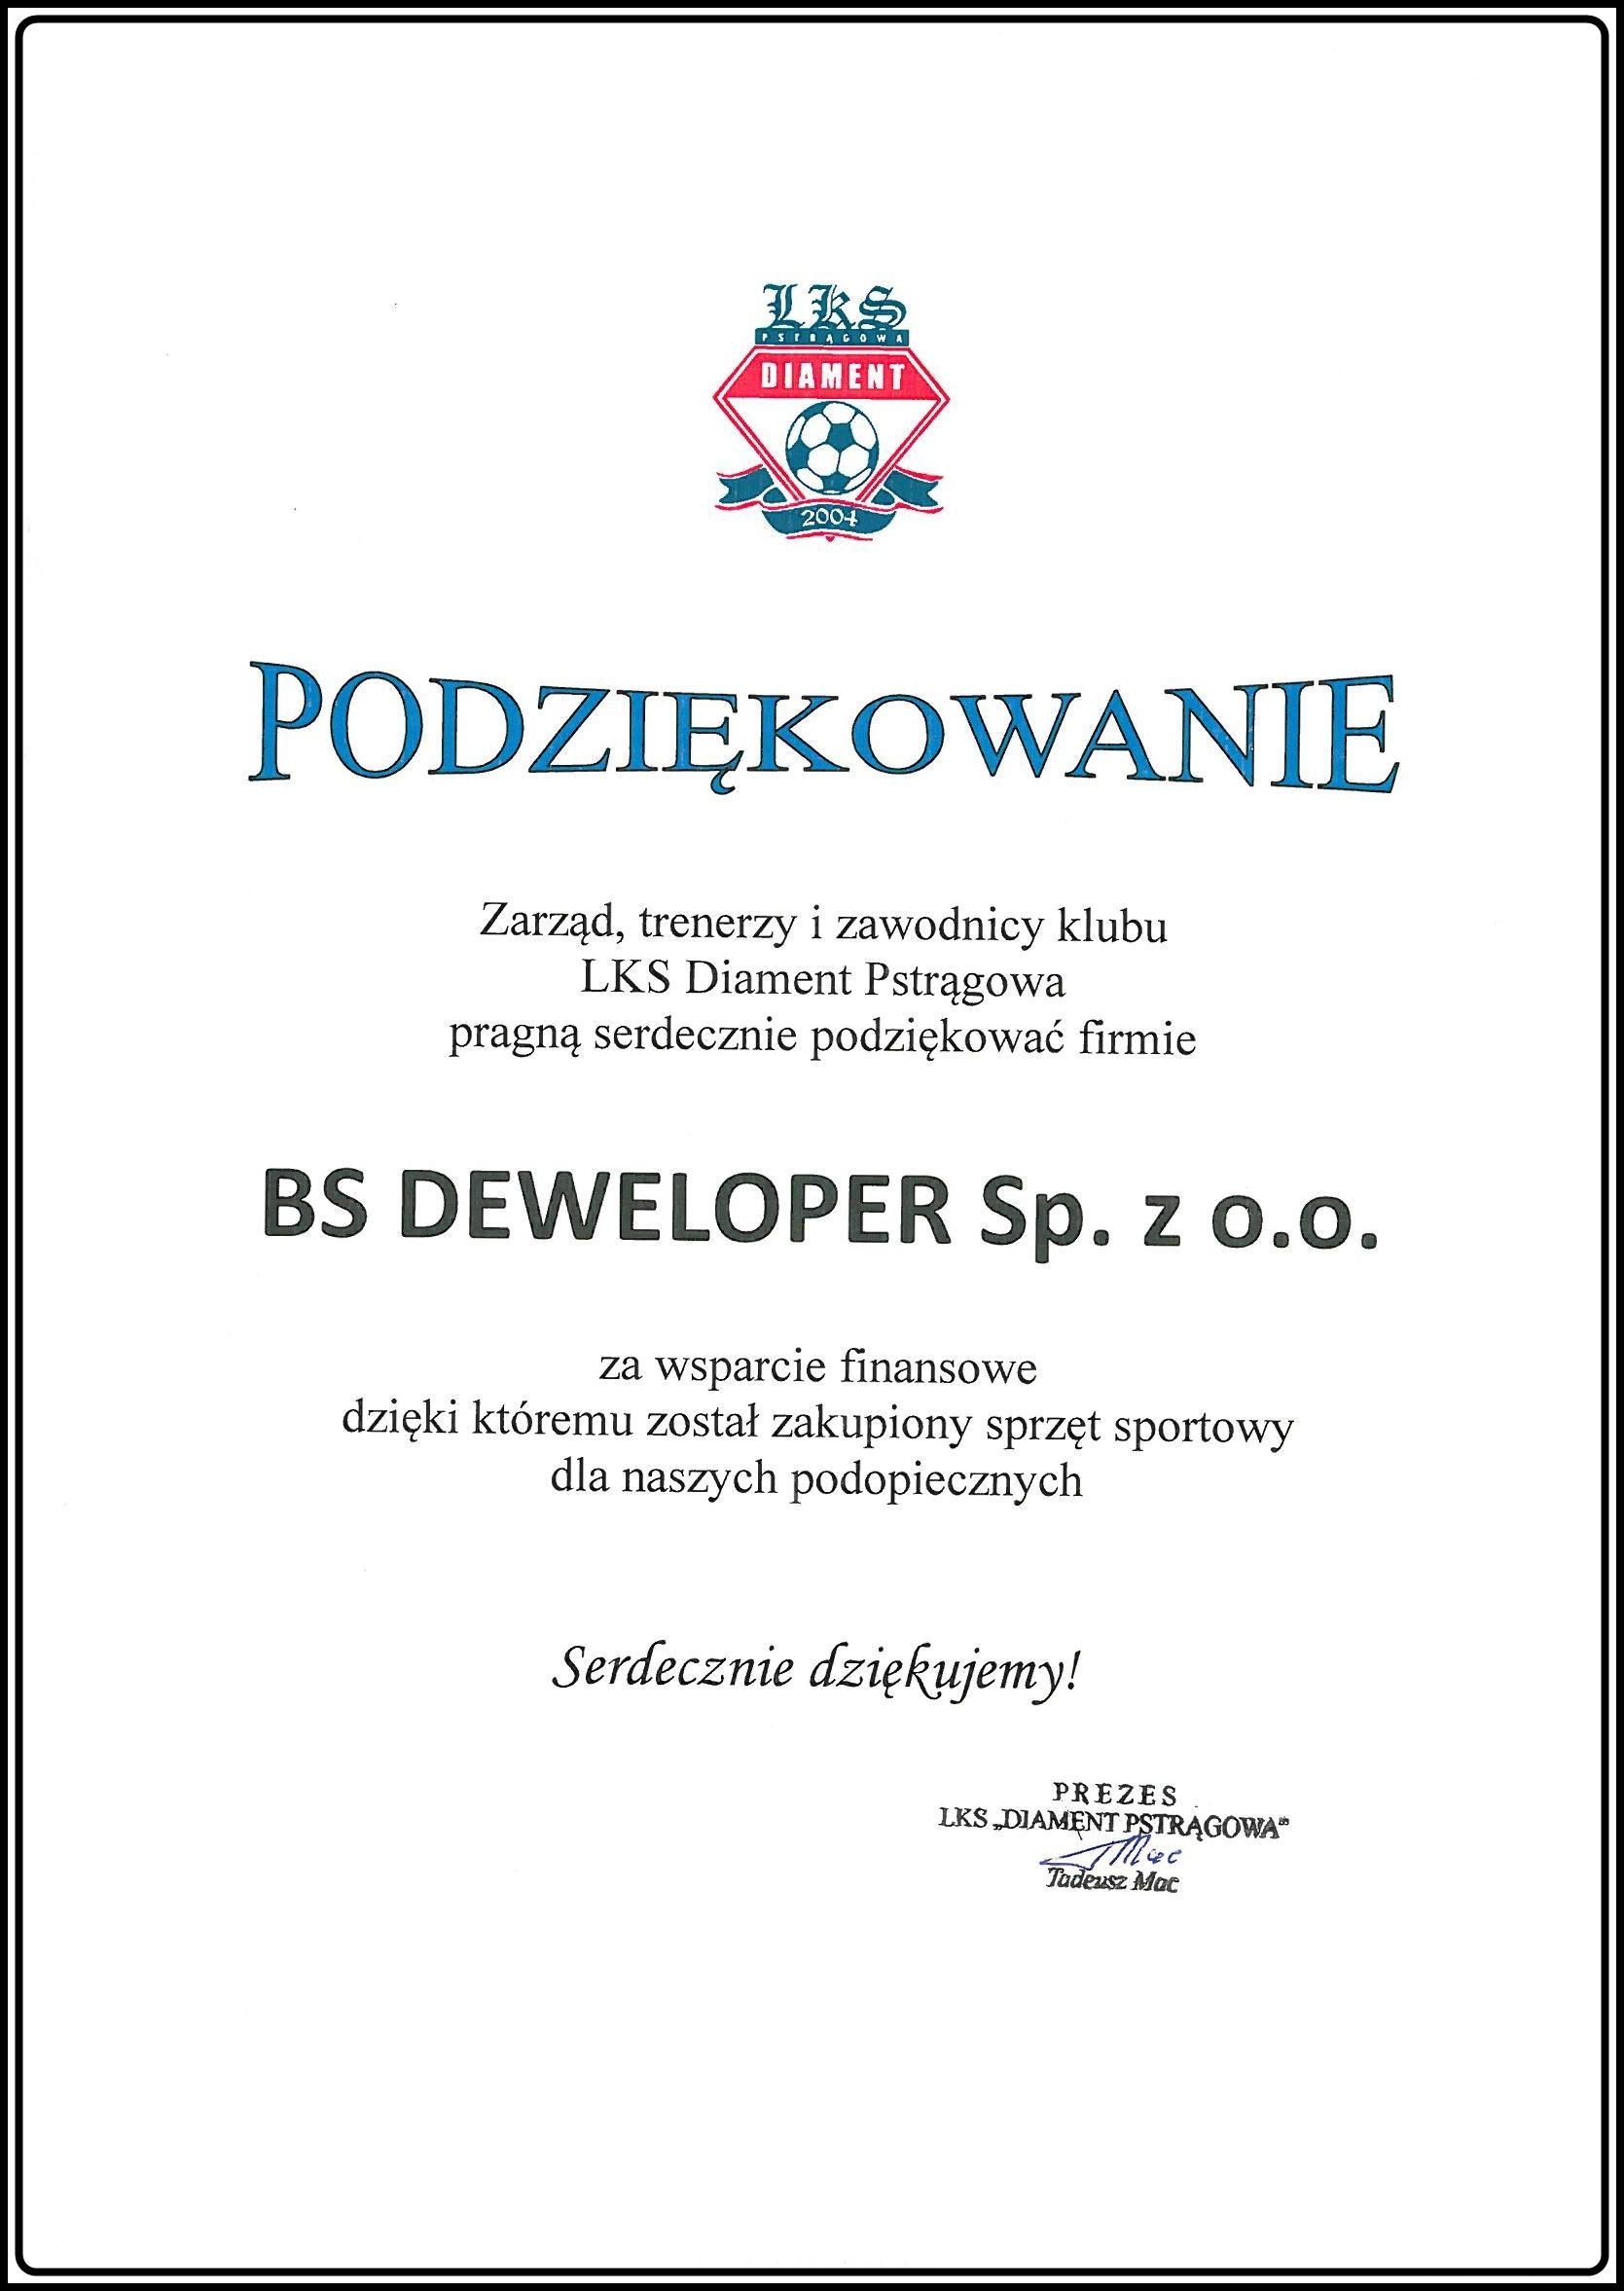 LKS Pstrągowa